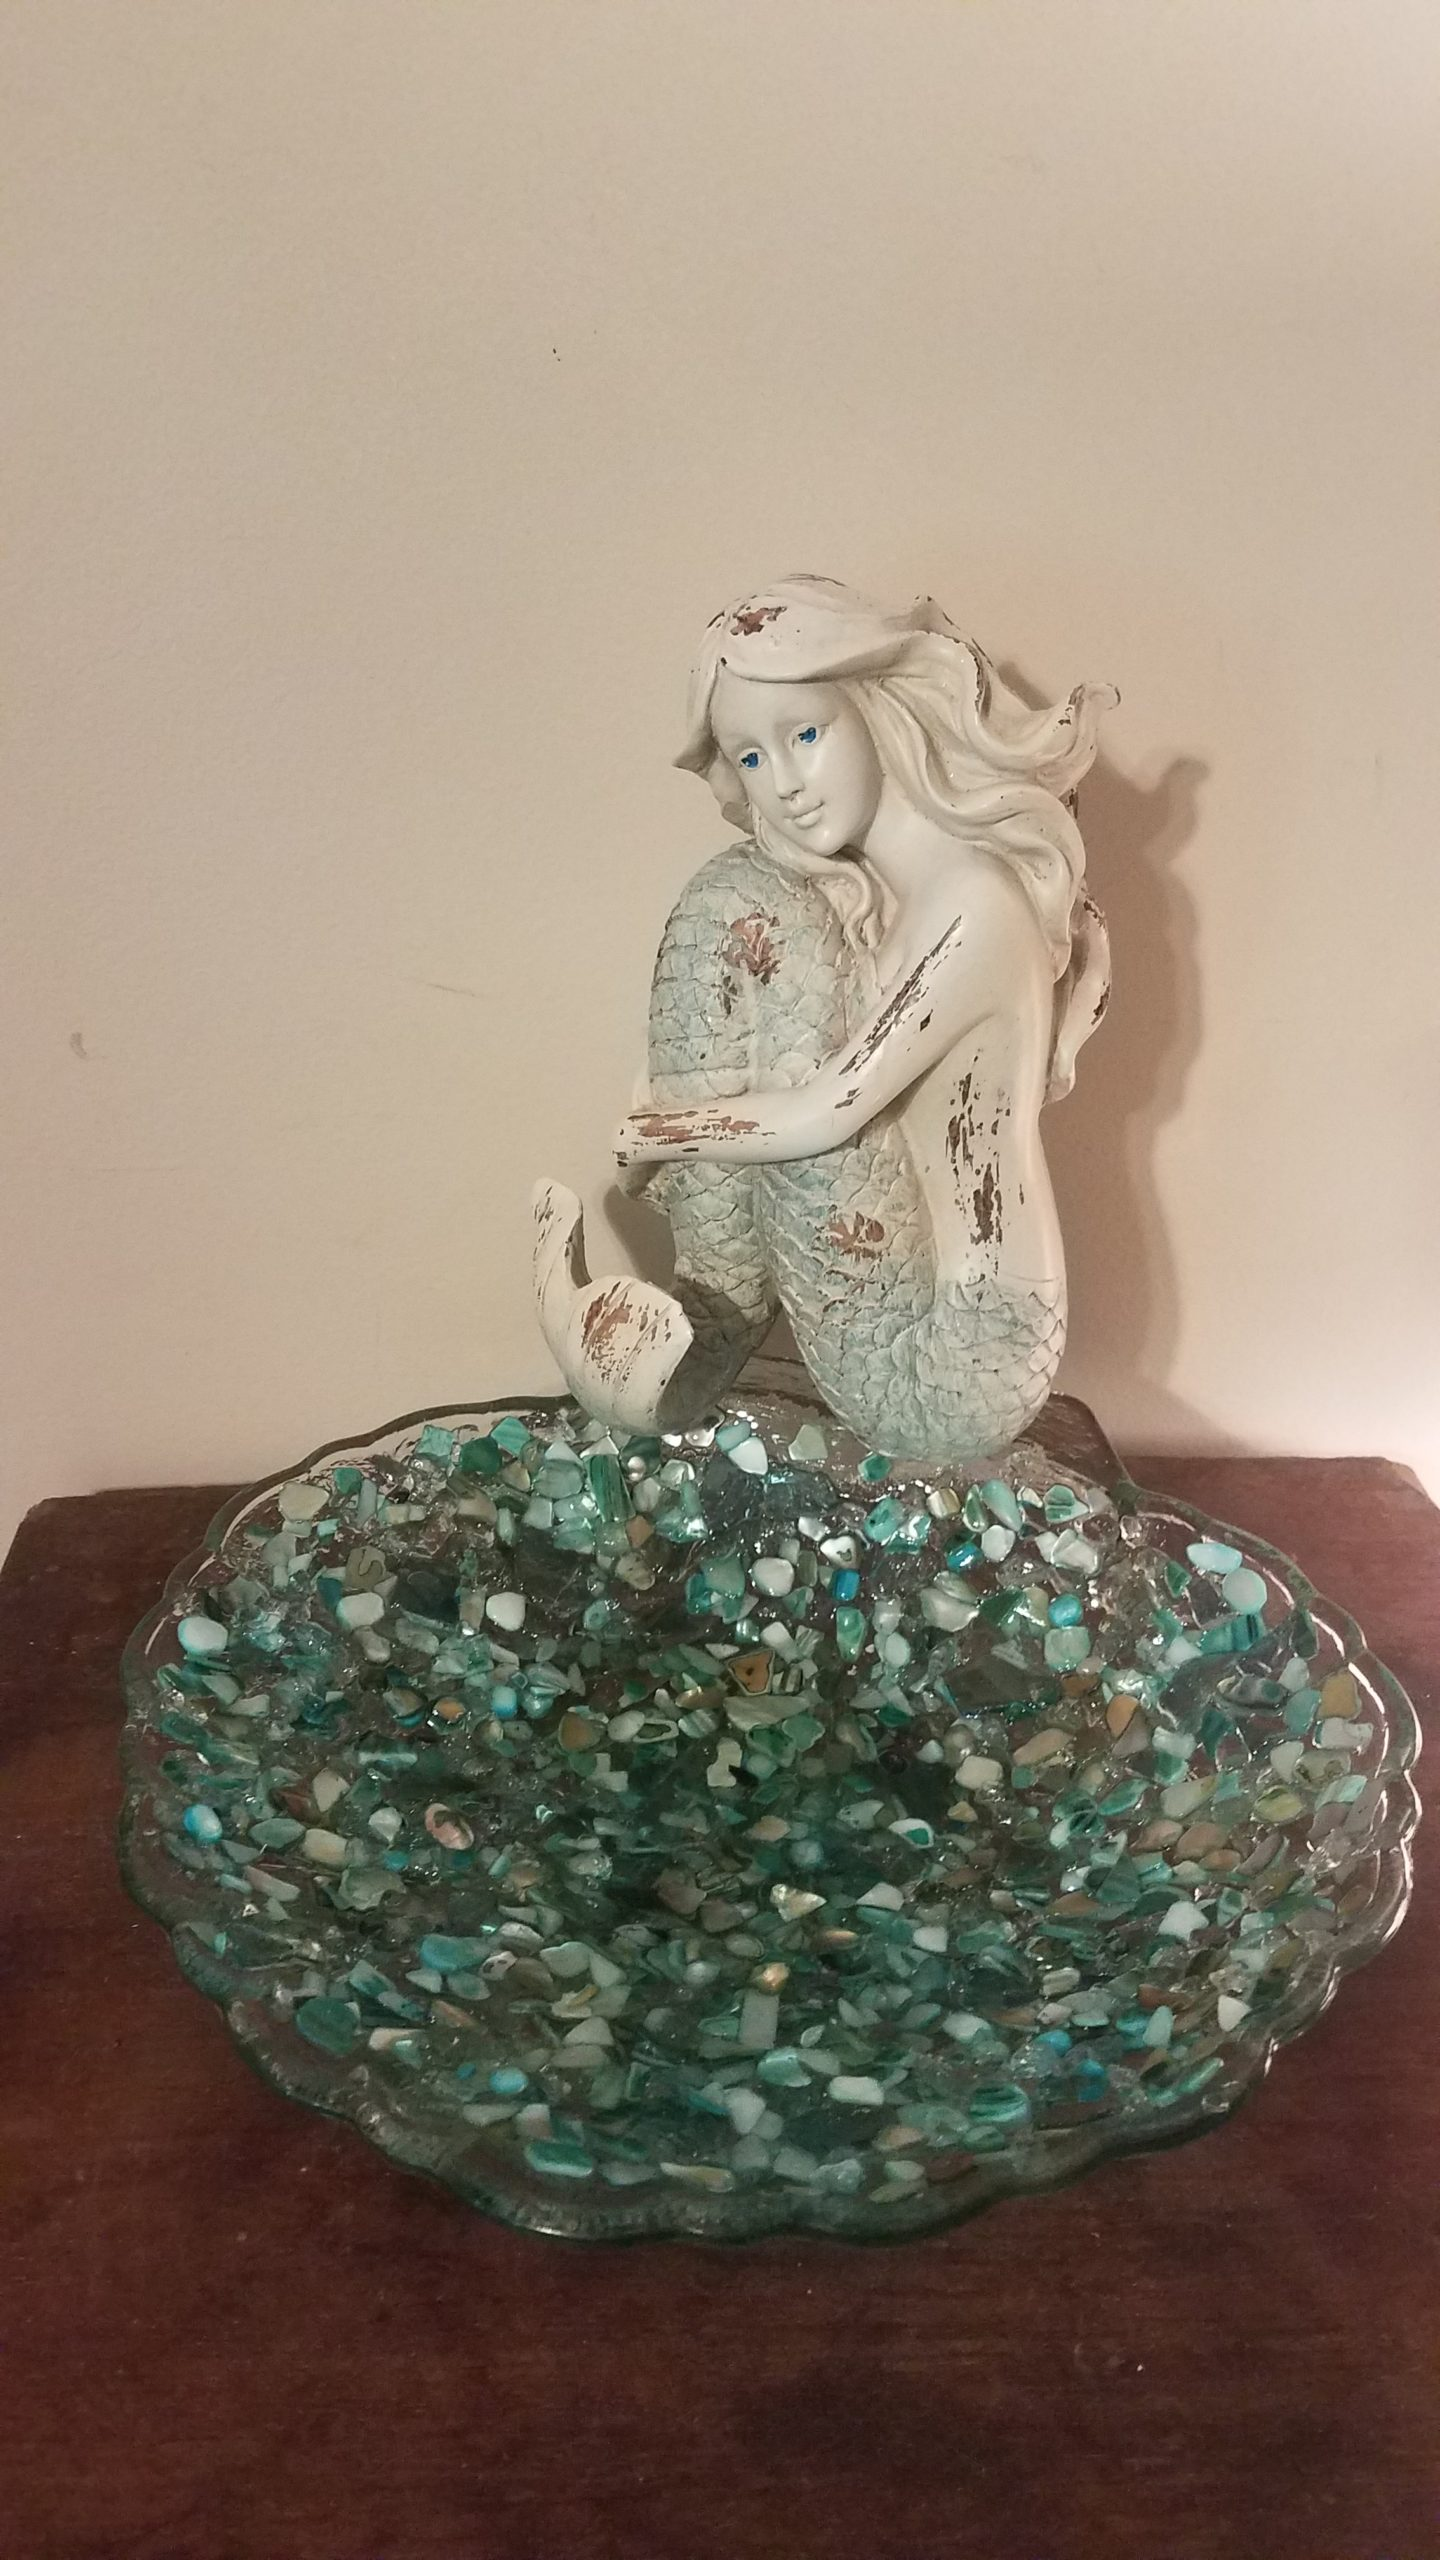 Mermaid Seashell Bowl